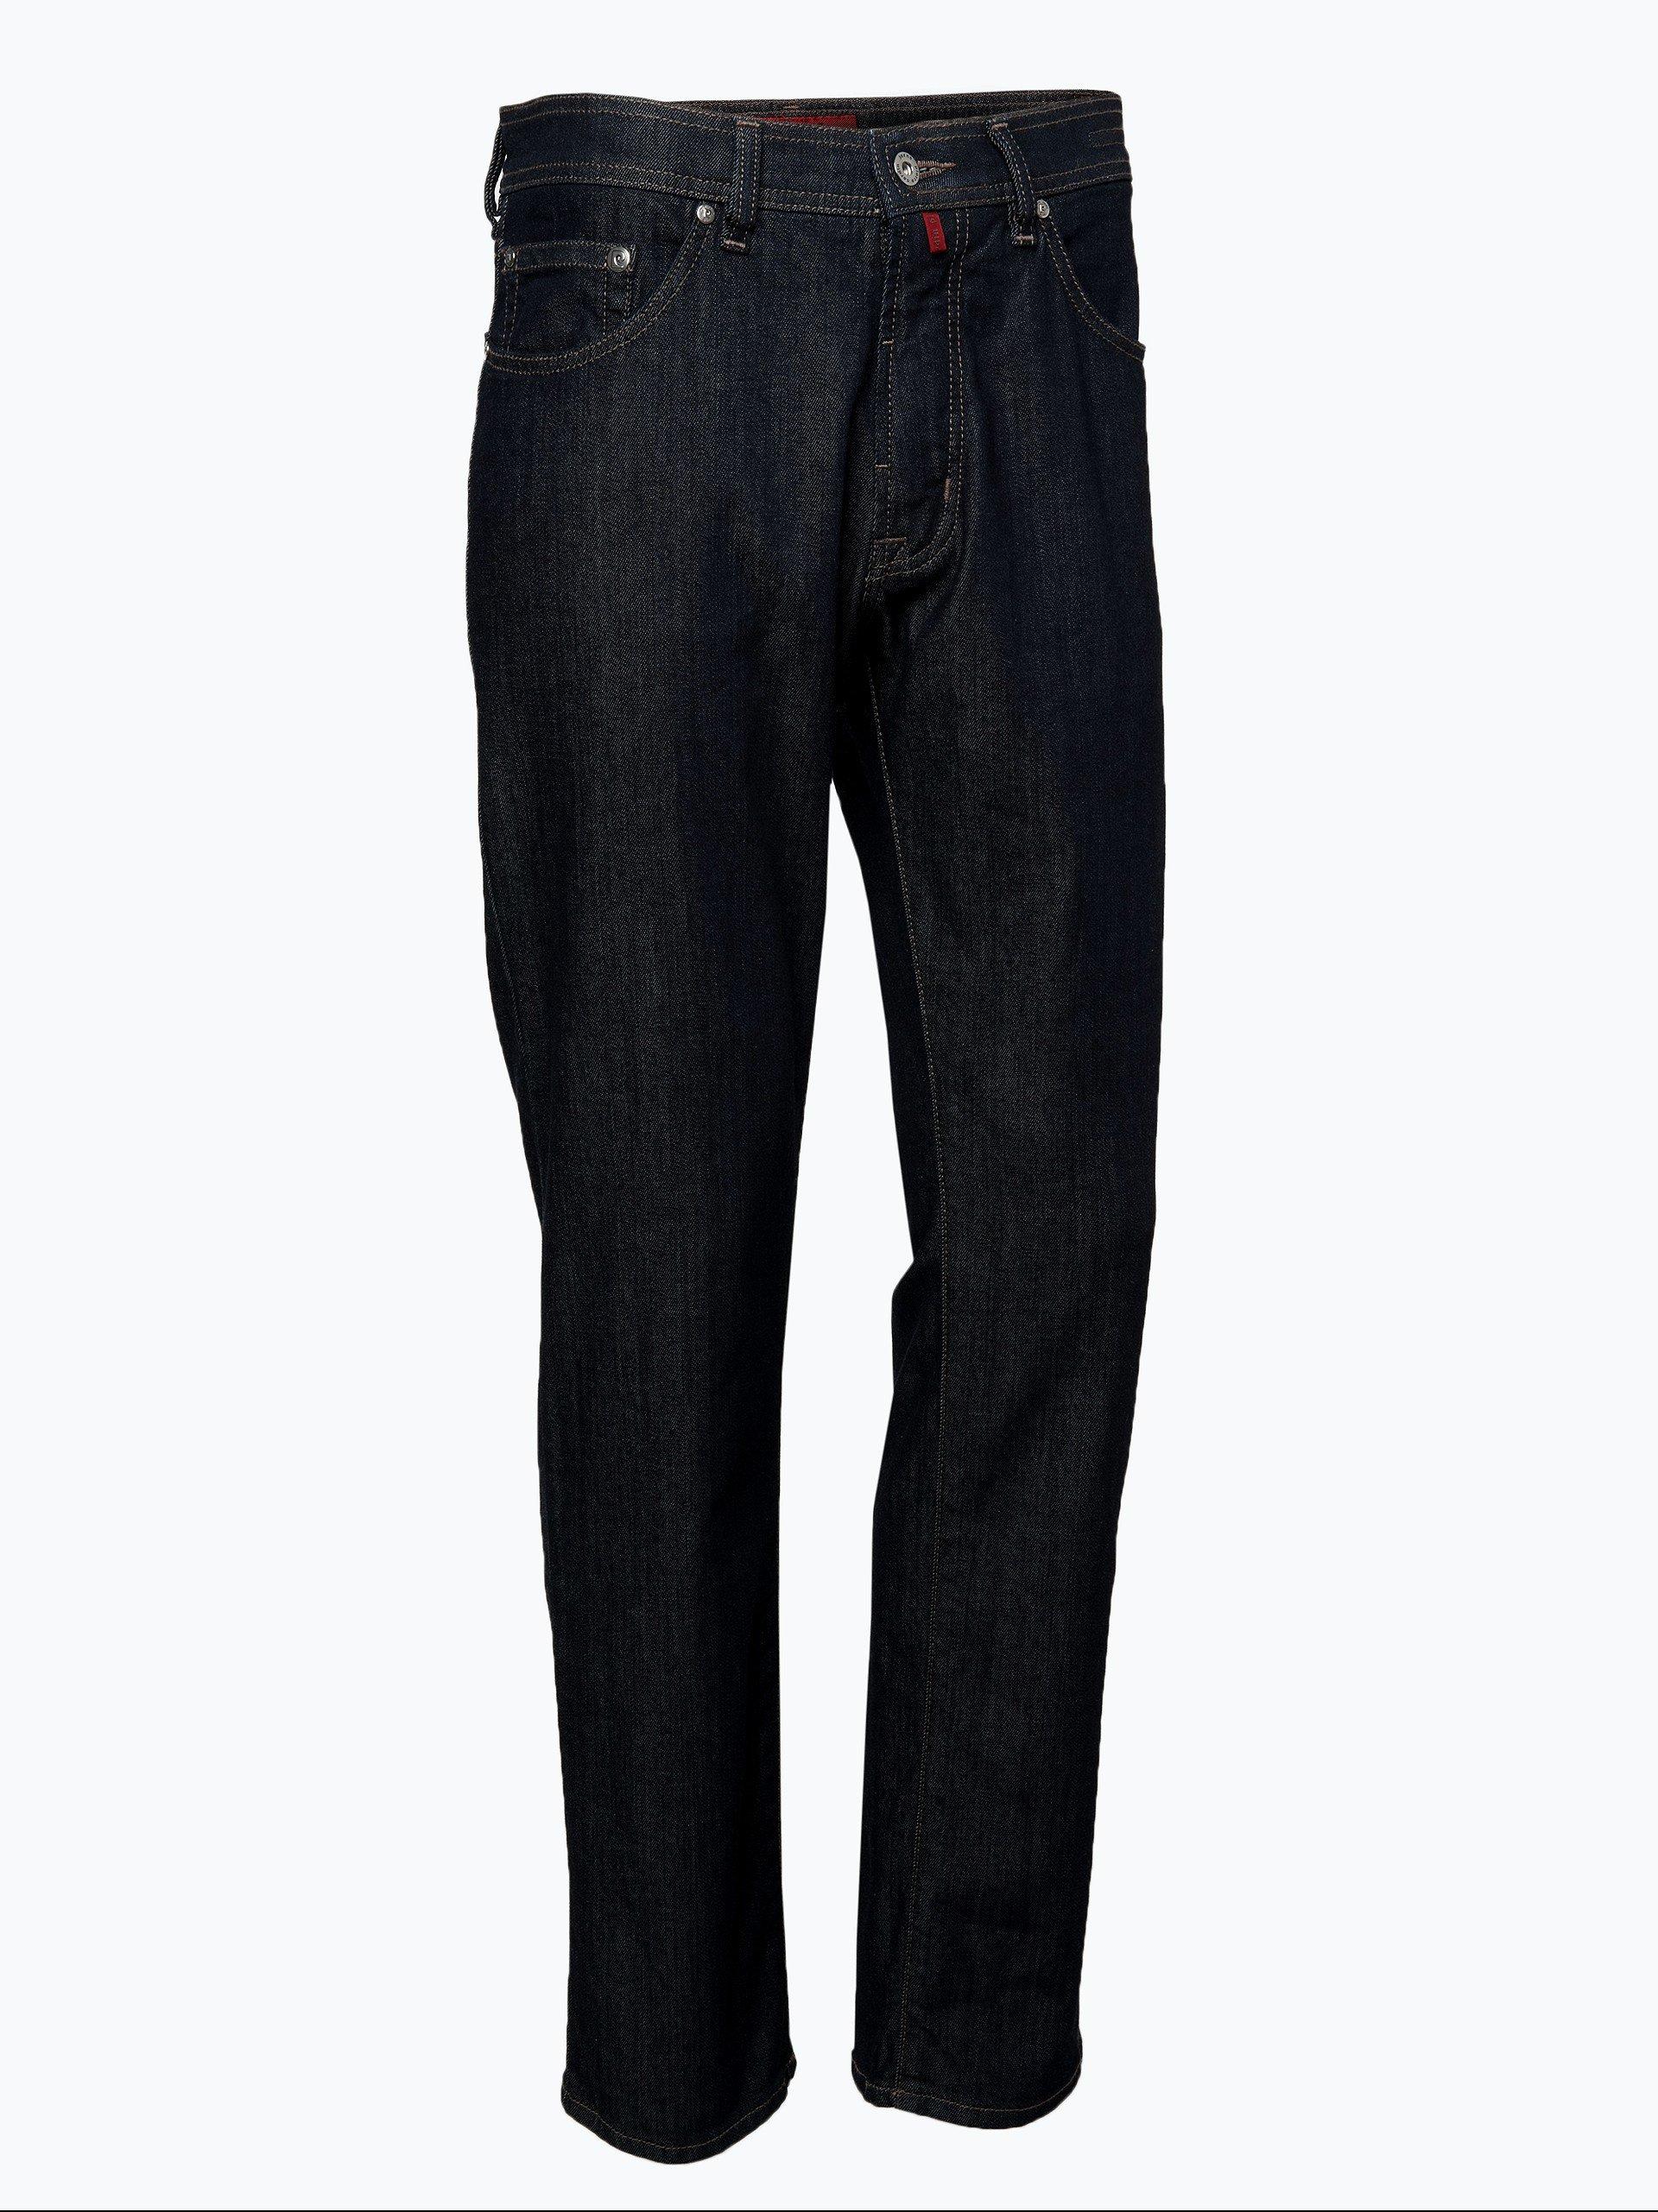 Pierre Cardin Herren Jeans - Deauville